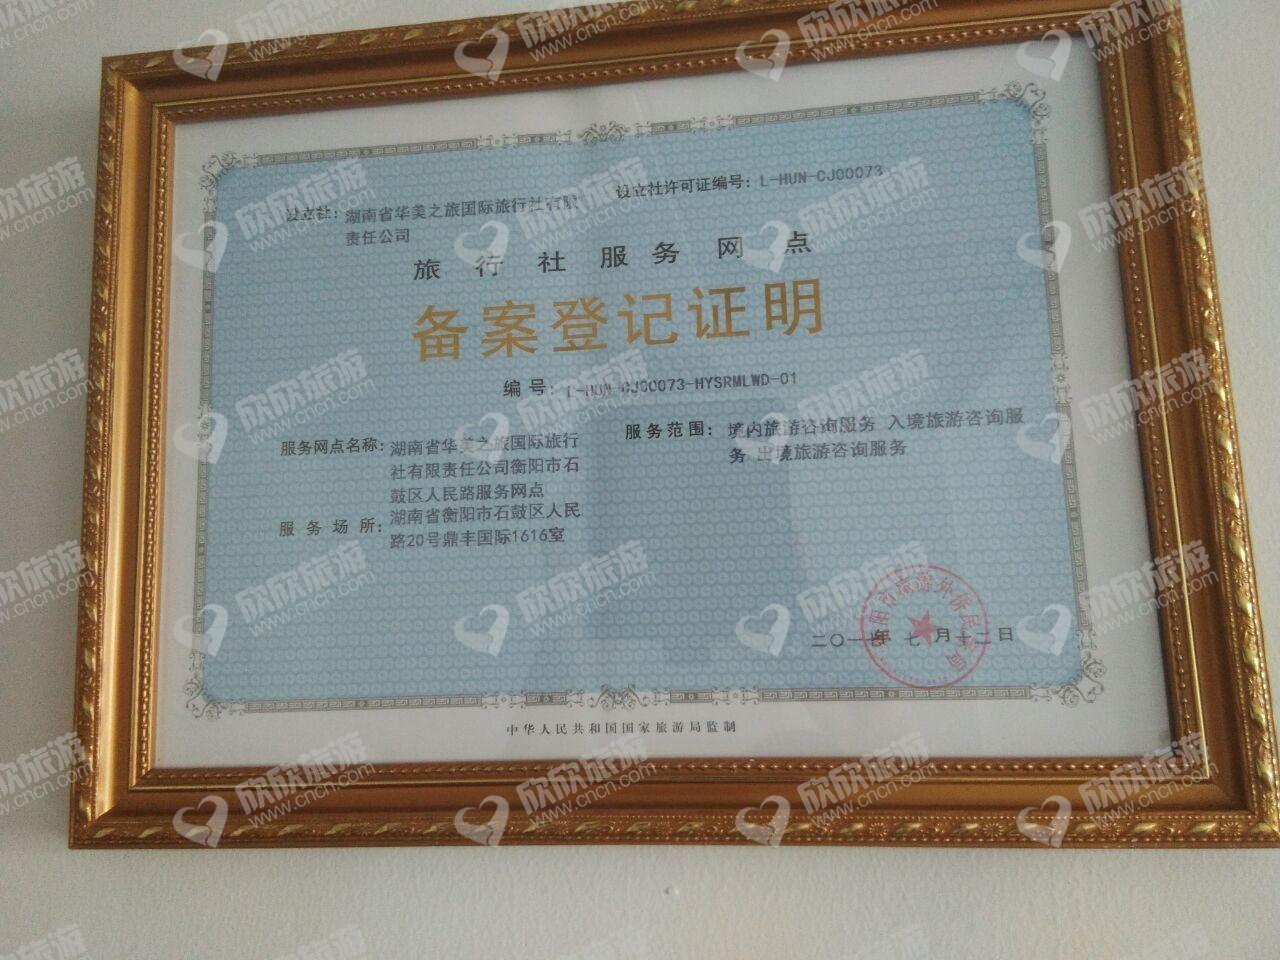 湖南省华美之旅国际旅行社有限责任公司衡阳市石鼓区人民路服务网点经营许可证